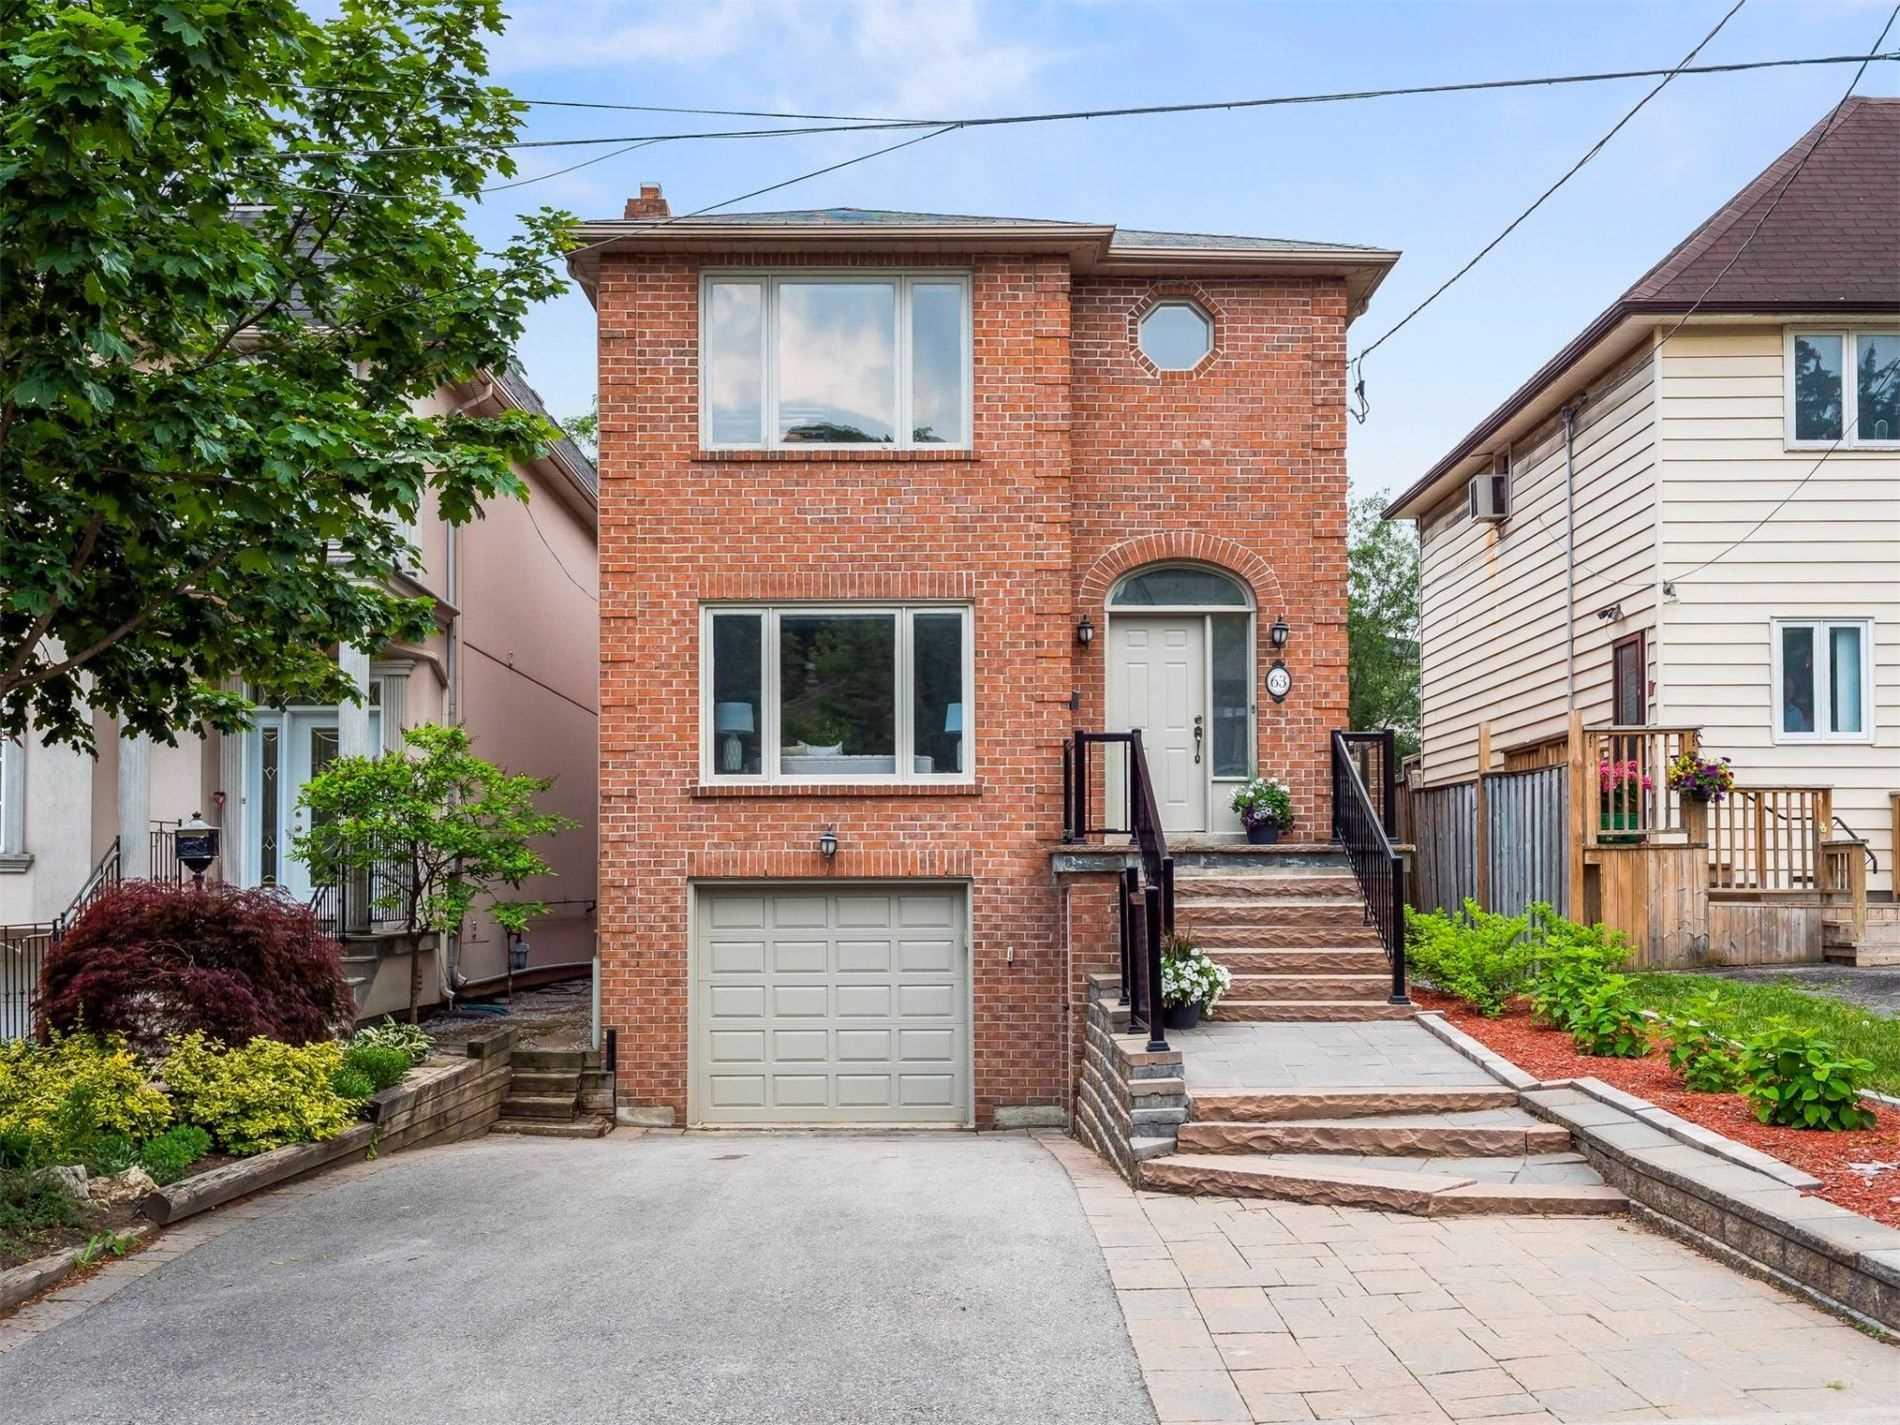 63 Burndale Ave, Toronto, Ontario M2N1S6, 4 Bedrooms Bedrooms, 8 Rooms Rooms,6 BathroomsBathrooms,Detached,For Sale,Burndale,C5373893